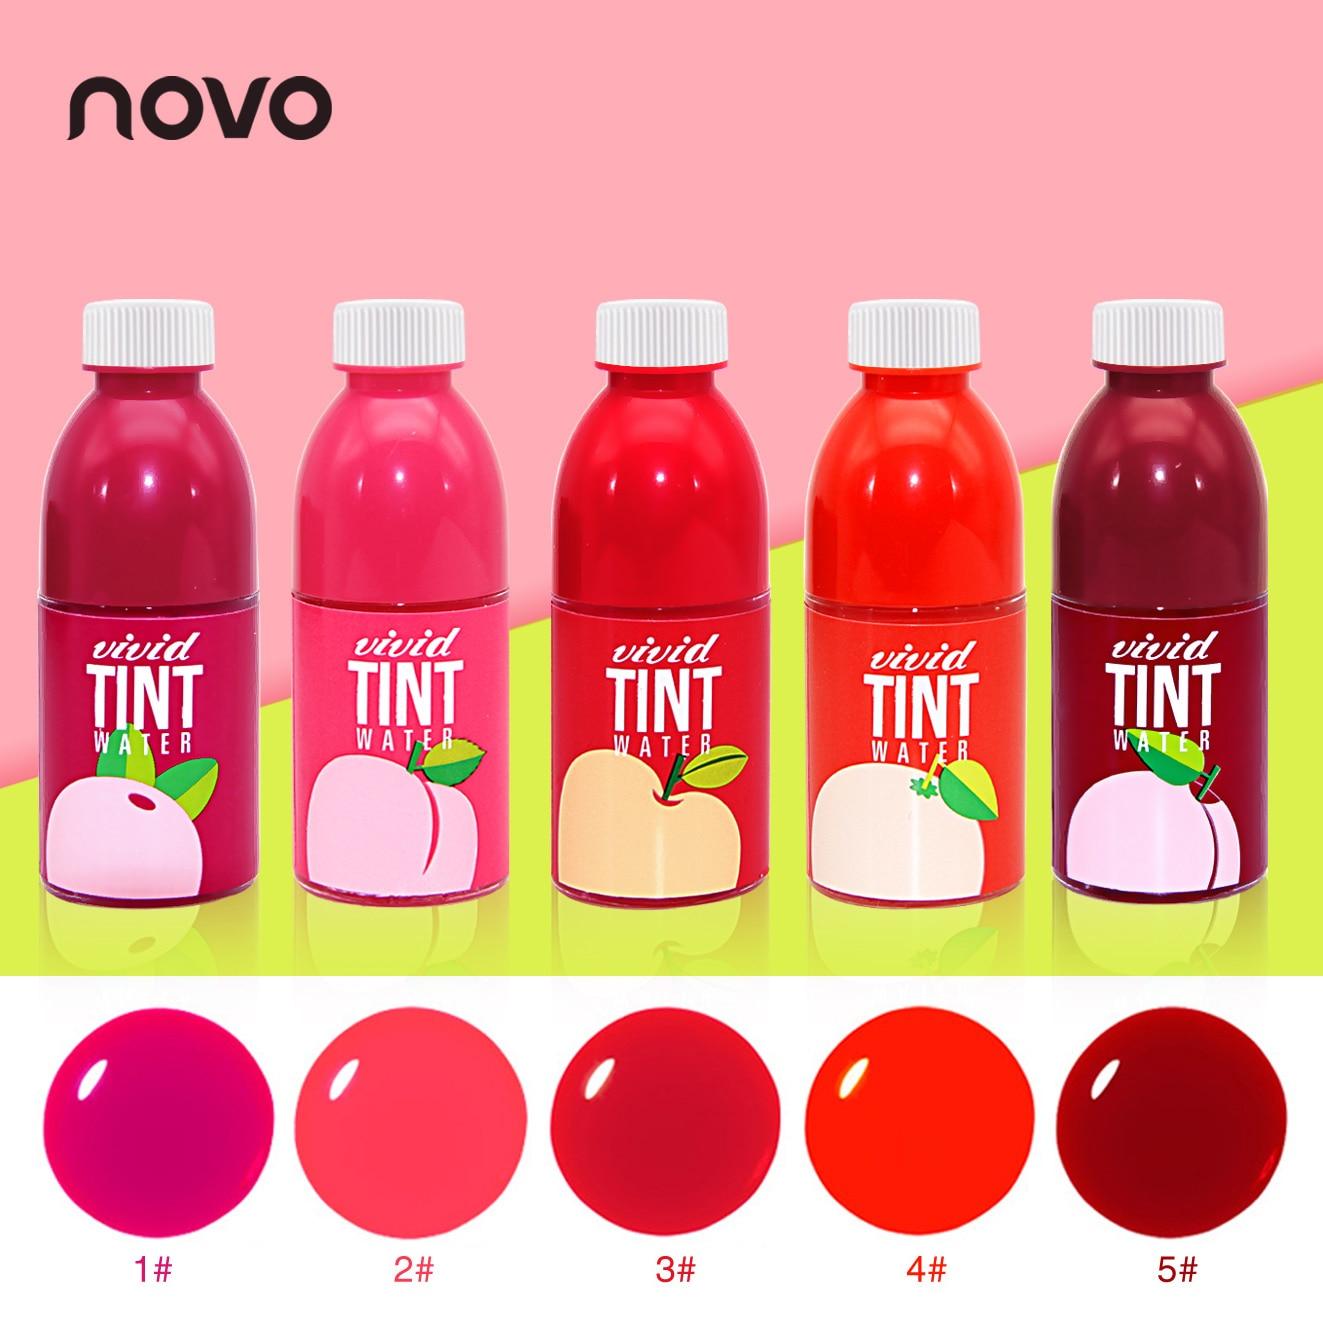 NOVO relógio Marca 5 Cores Fruit Manchado Gloss Copo Maquiagem Batom Líquido À Prova D' Água de Longa Duração Não-Stick de Fruta Doce tonalidade Lábio vermelho